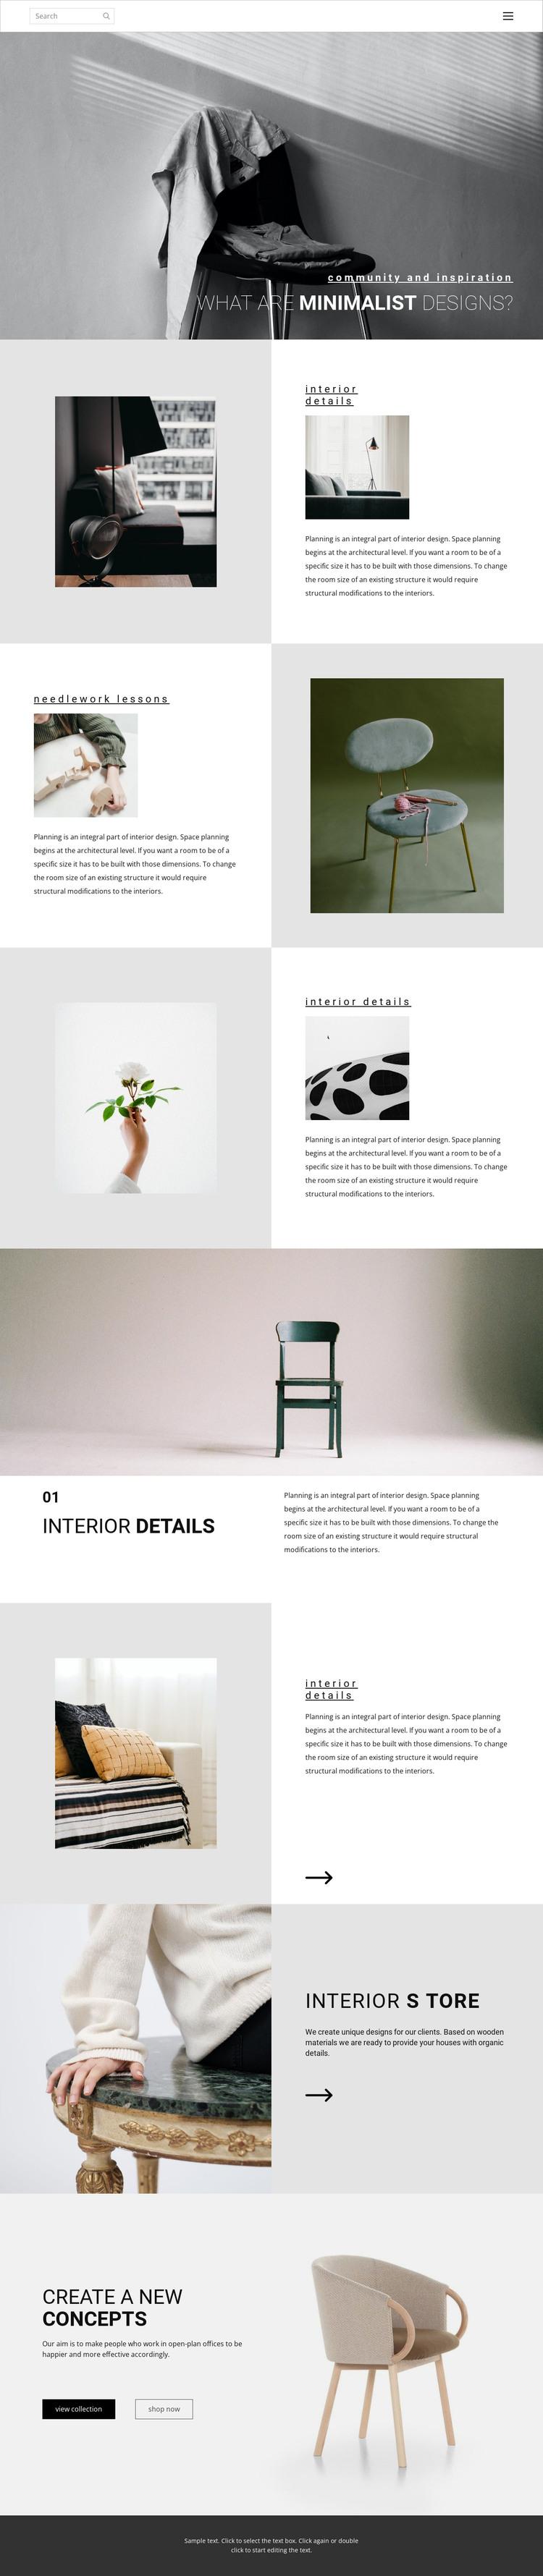 Make your home special Web Design